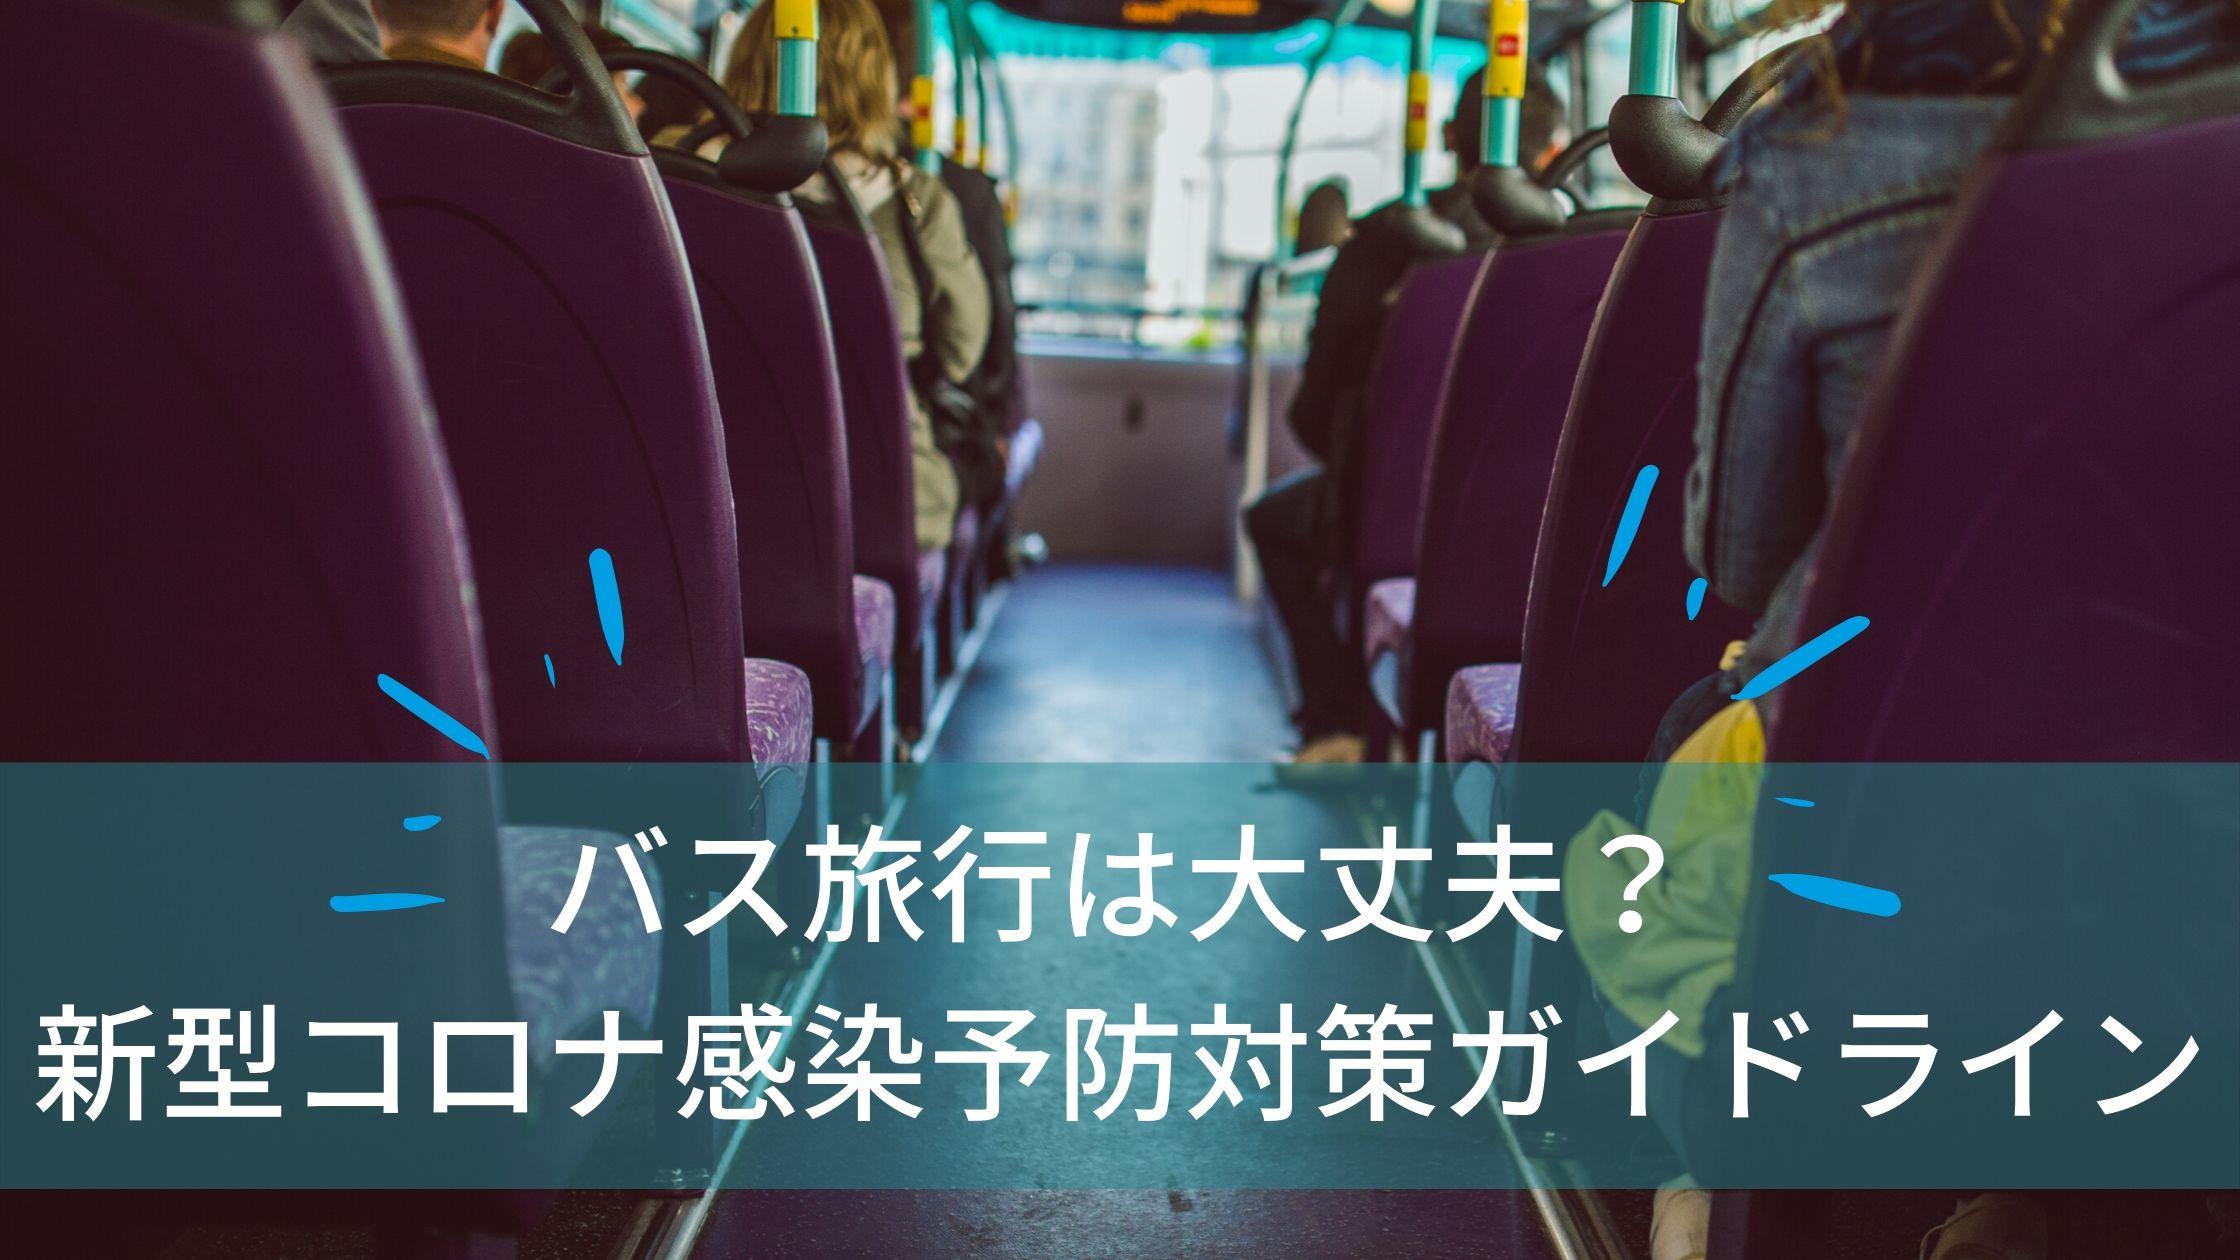 バス コロナ 対策